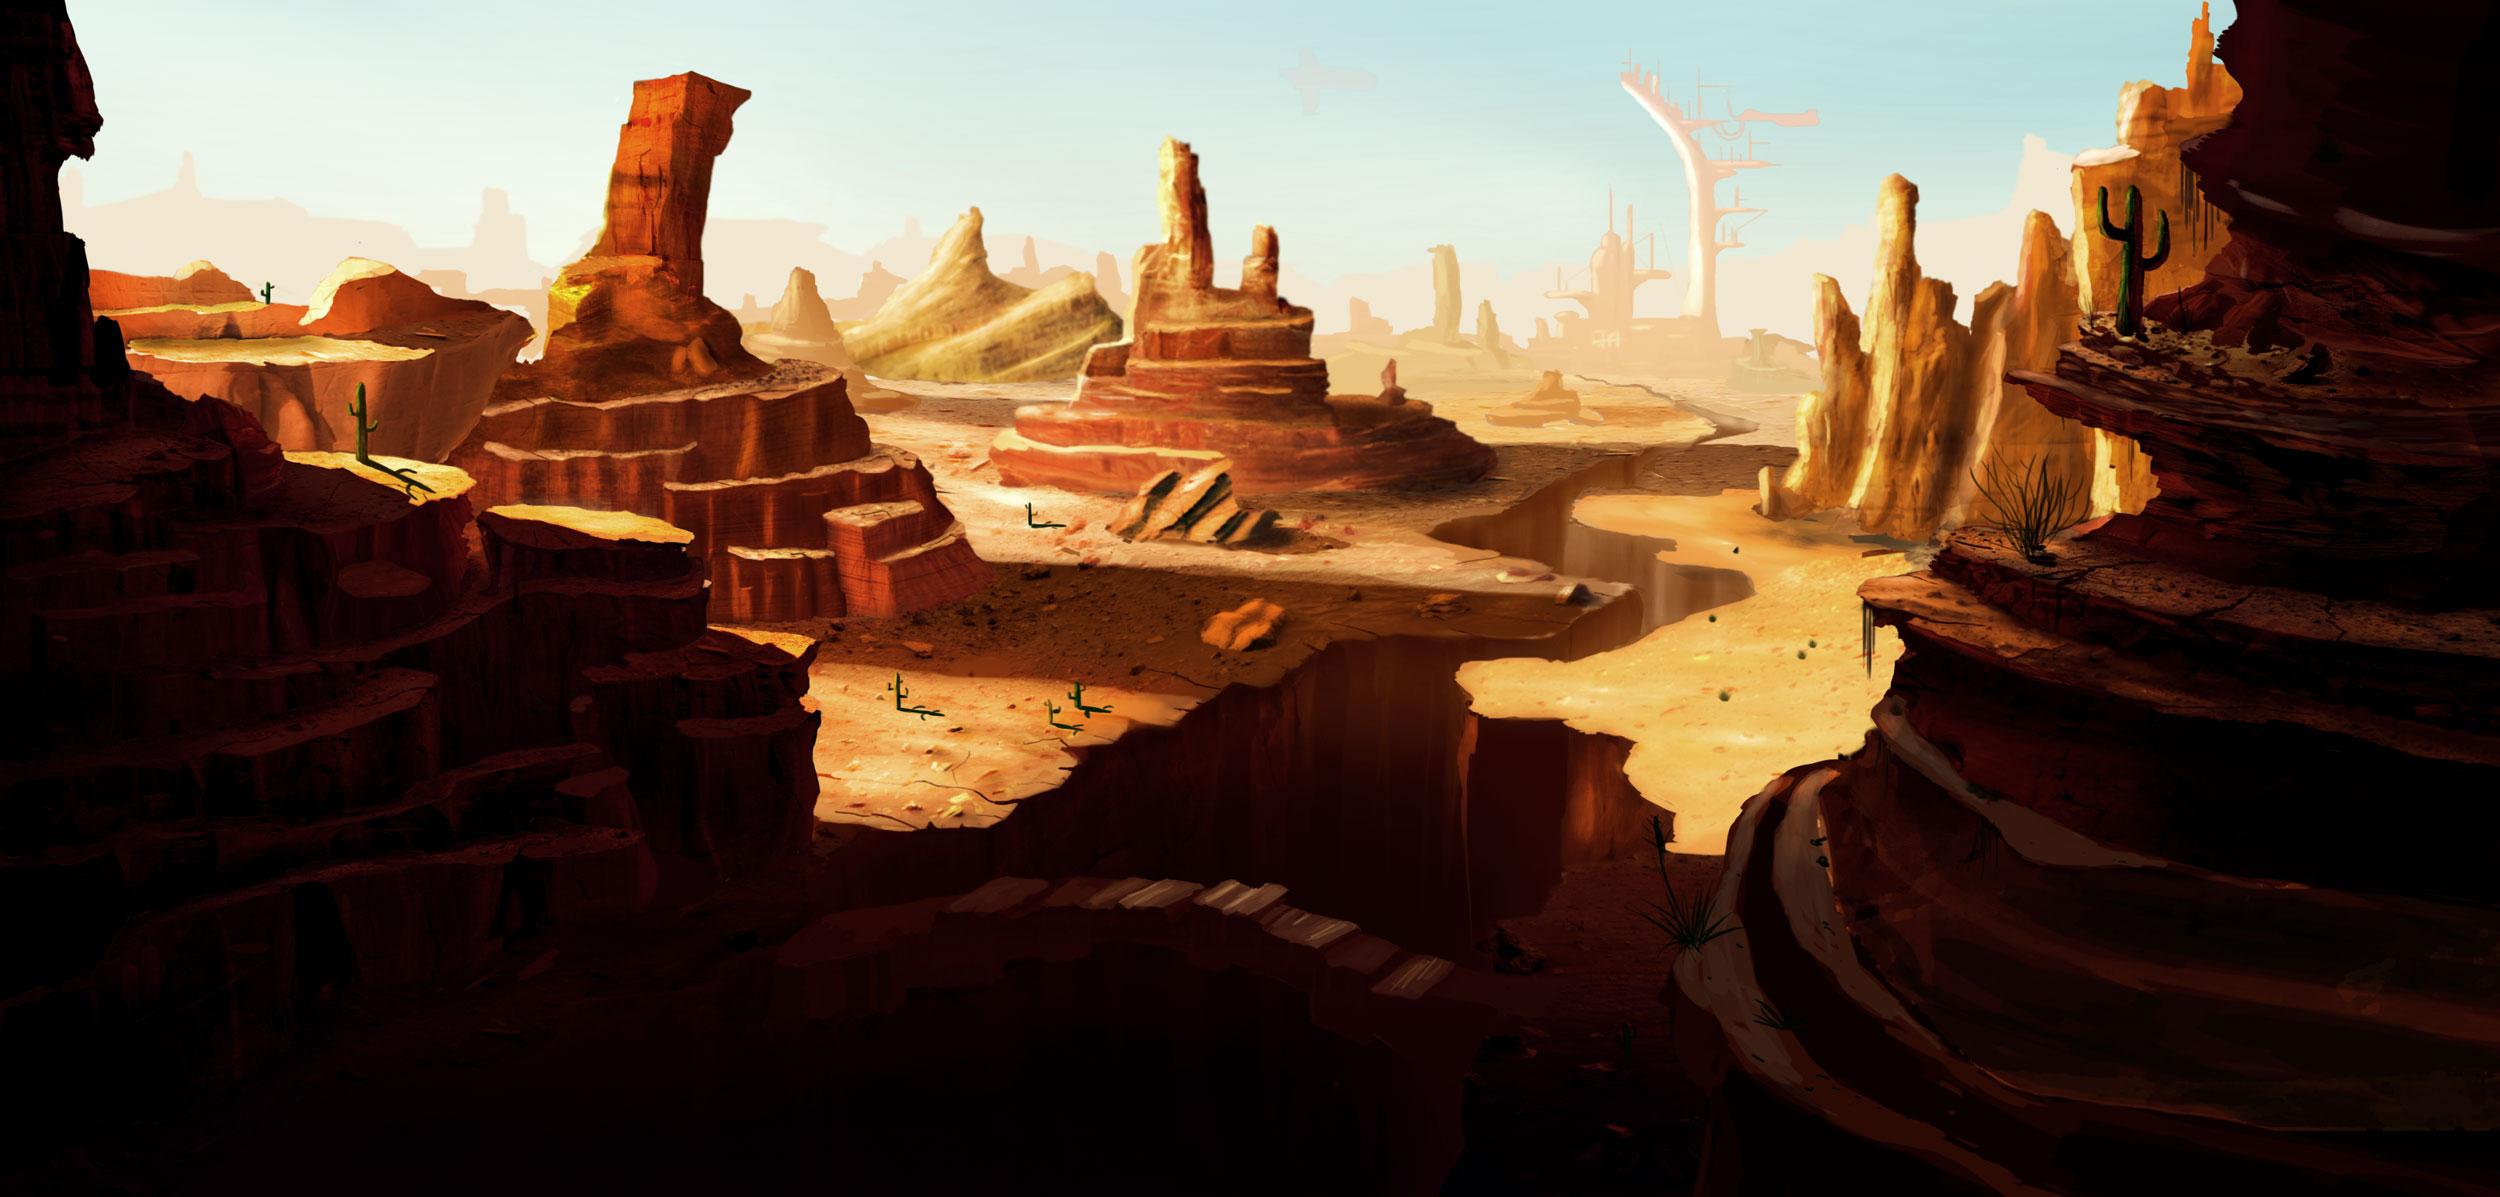 canyon-300dpiv22-couleur.jpg